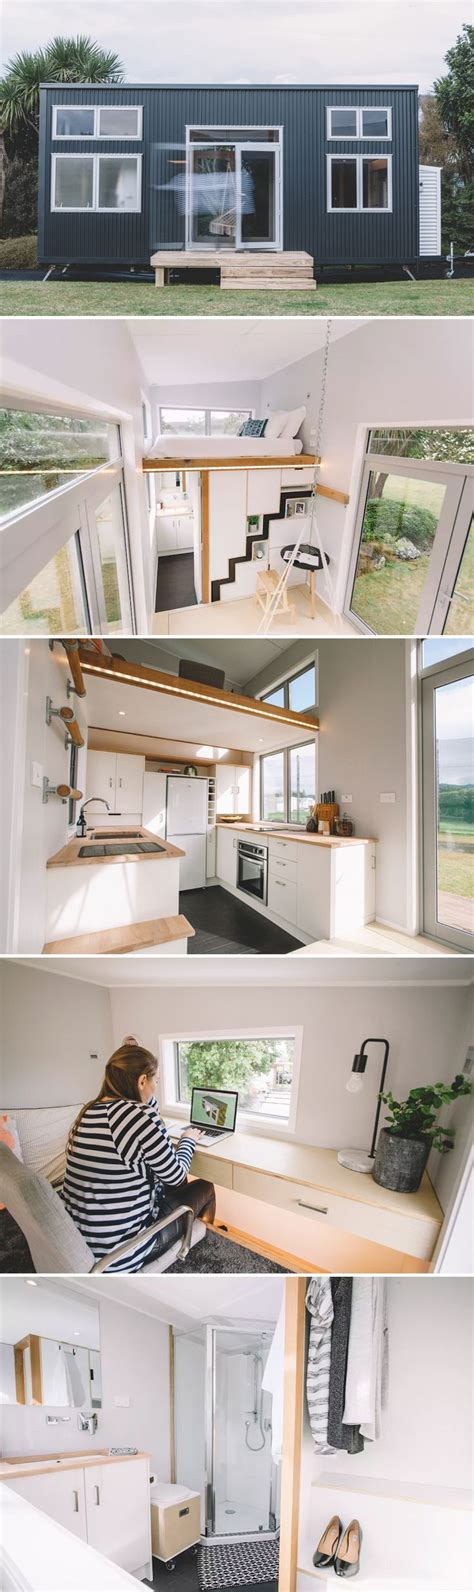 the archer tiny house build tiny katikati nz hogar pinterest tiny house에 관한 상위 20개 이상의 pinterest 아이디어